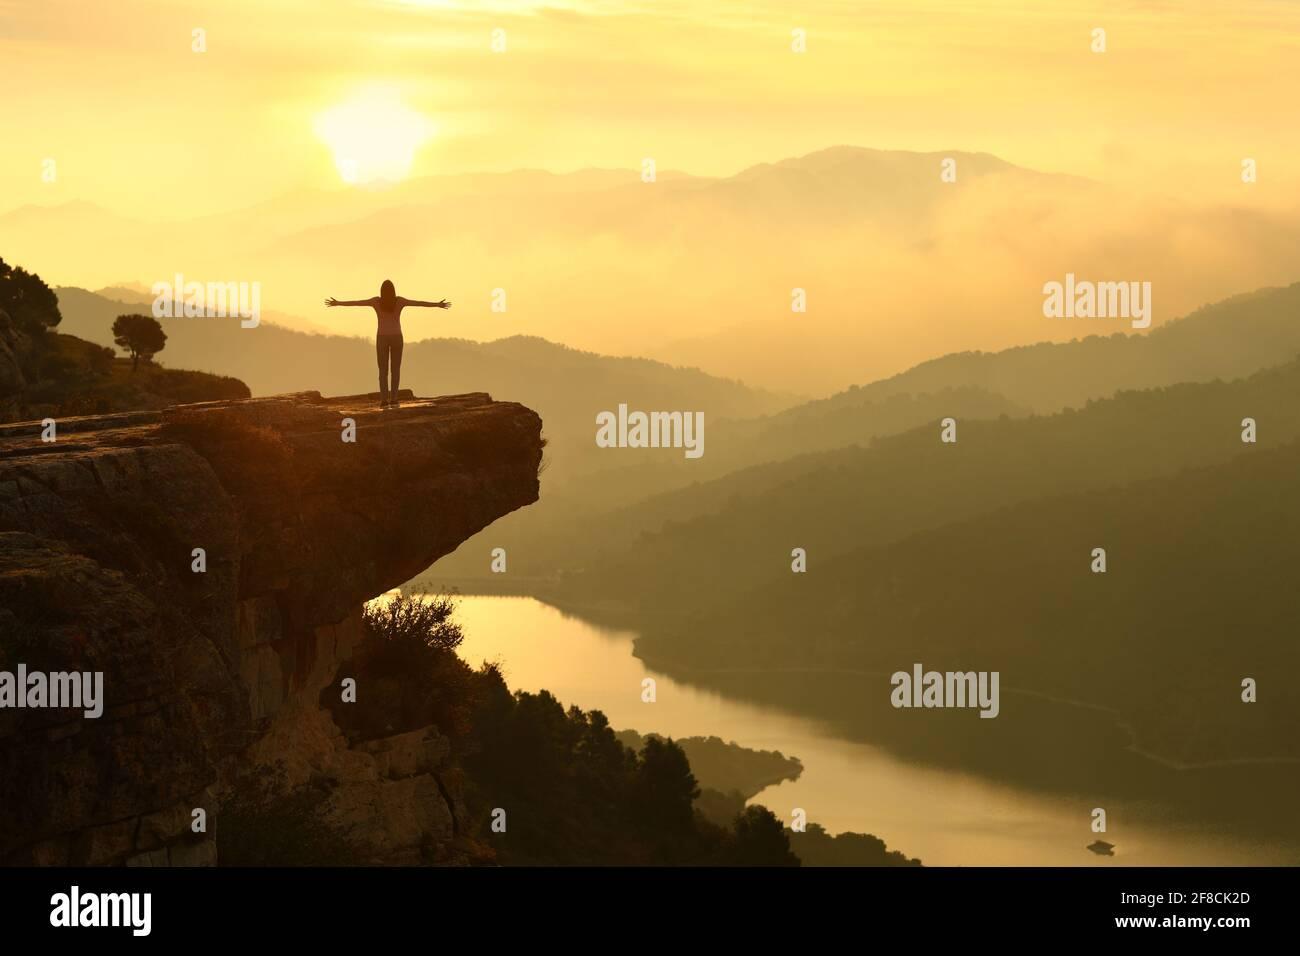 Rückansicht Porträt einer Frau Silhouette feiert Erfolg in Eine wunderschöne Sonnenuntergangslandschaft Stockfoto